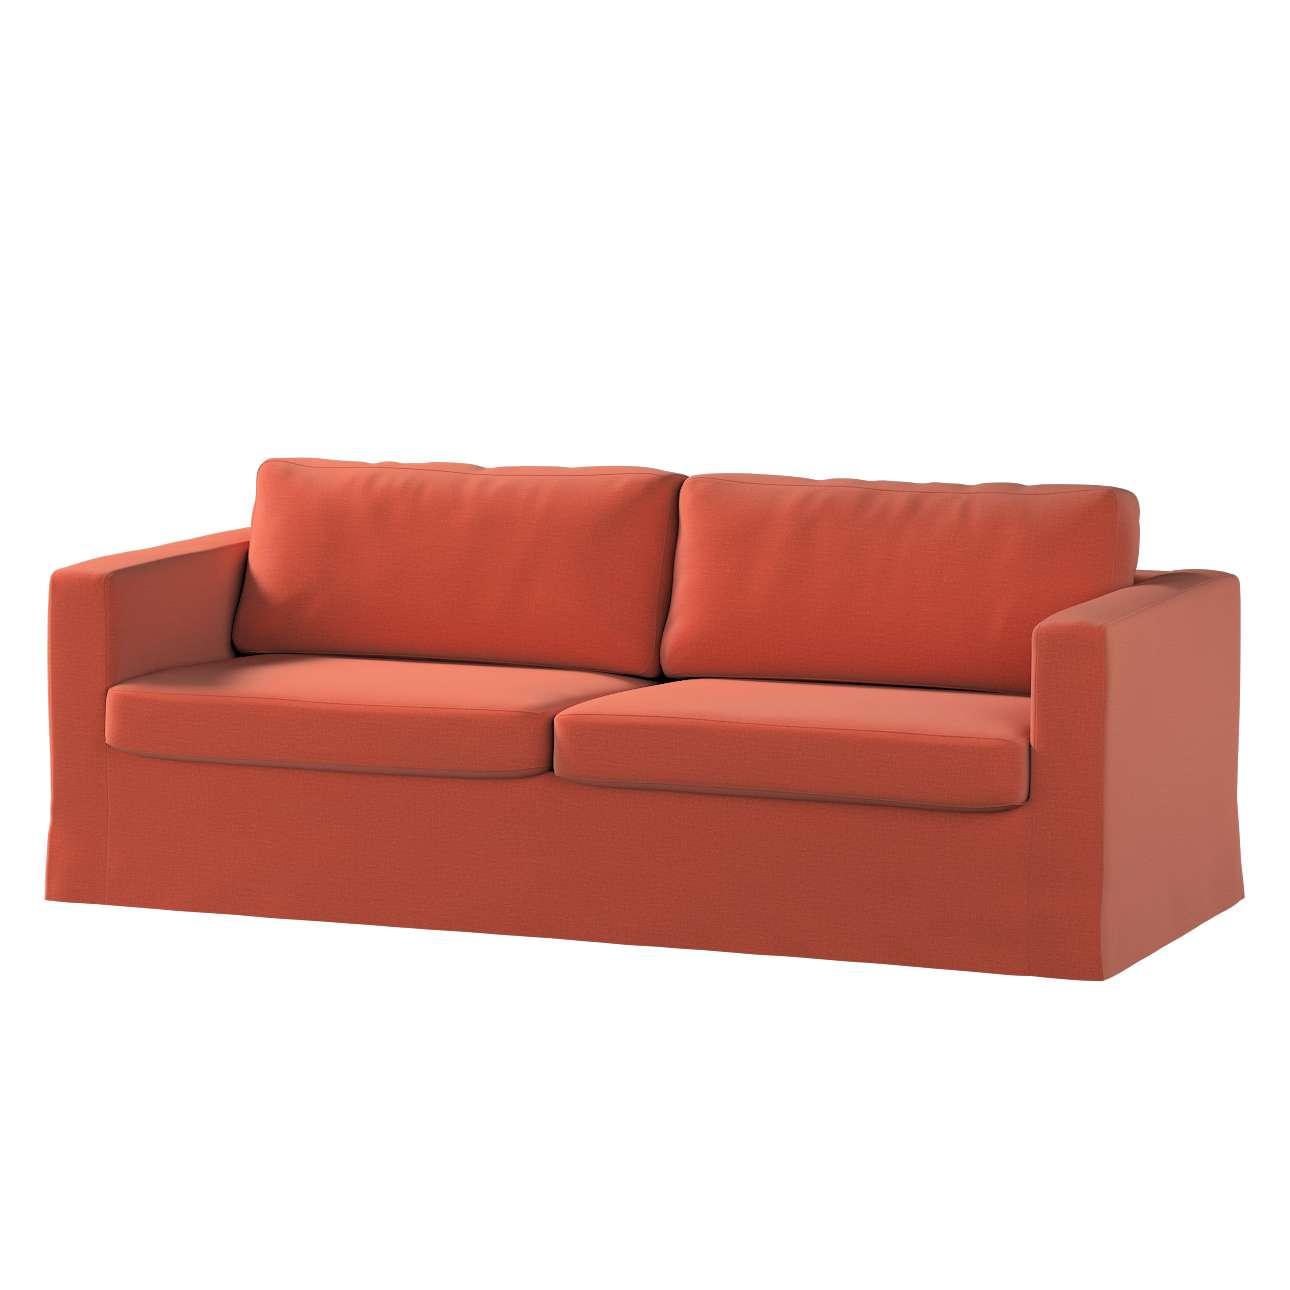 Pokrowiec na sofę Karlstad 3-osobową nierozkładaną, długi w kolekcji Ingrid, tkanina: 705-37